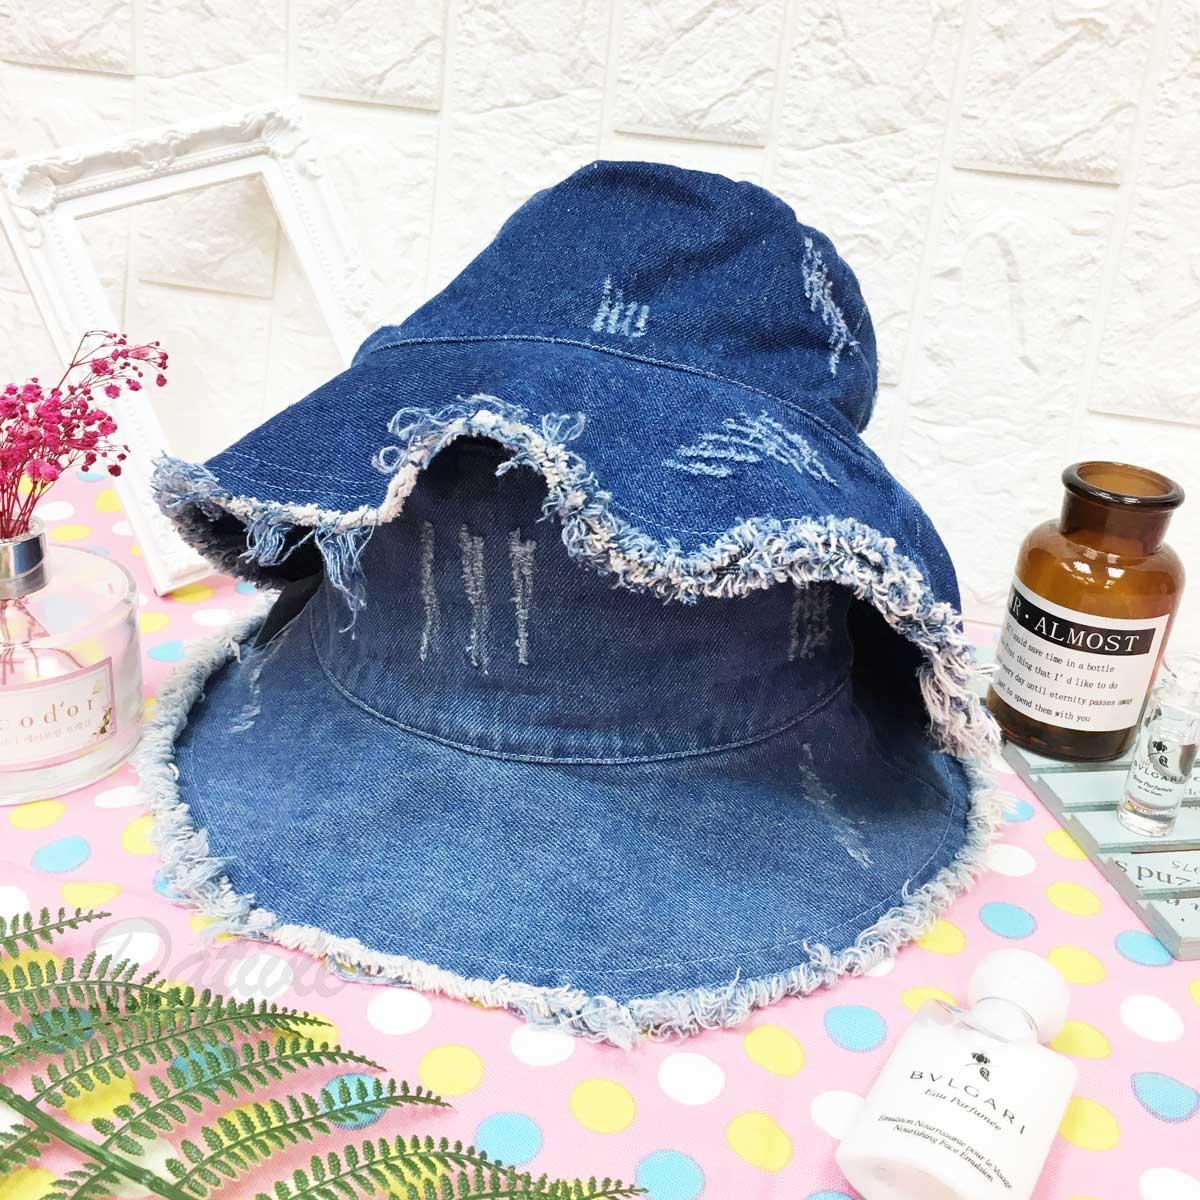 牛仔色 抽鬚 流蘇 刷破 刷色 抓痕 特色 個性風 帽子 淑女帽